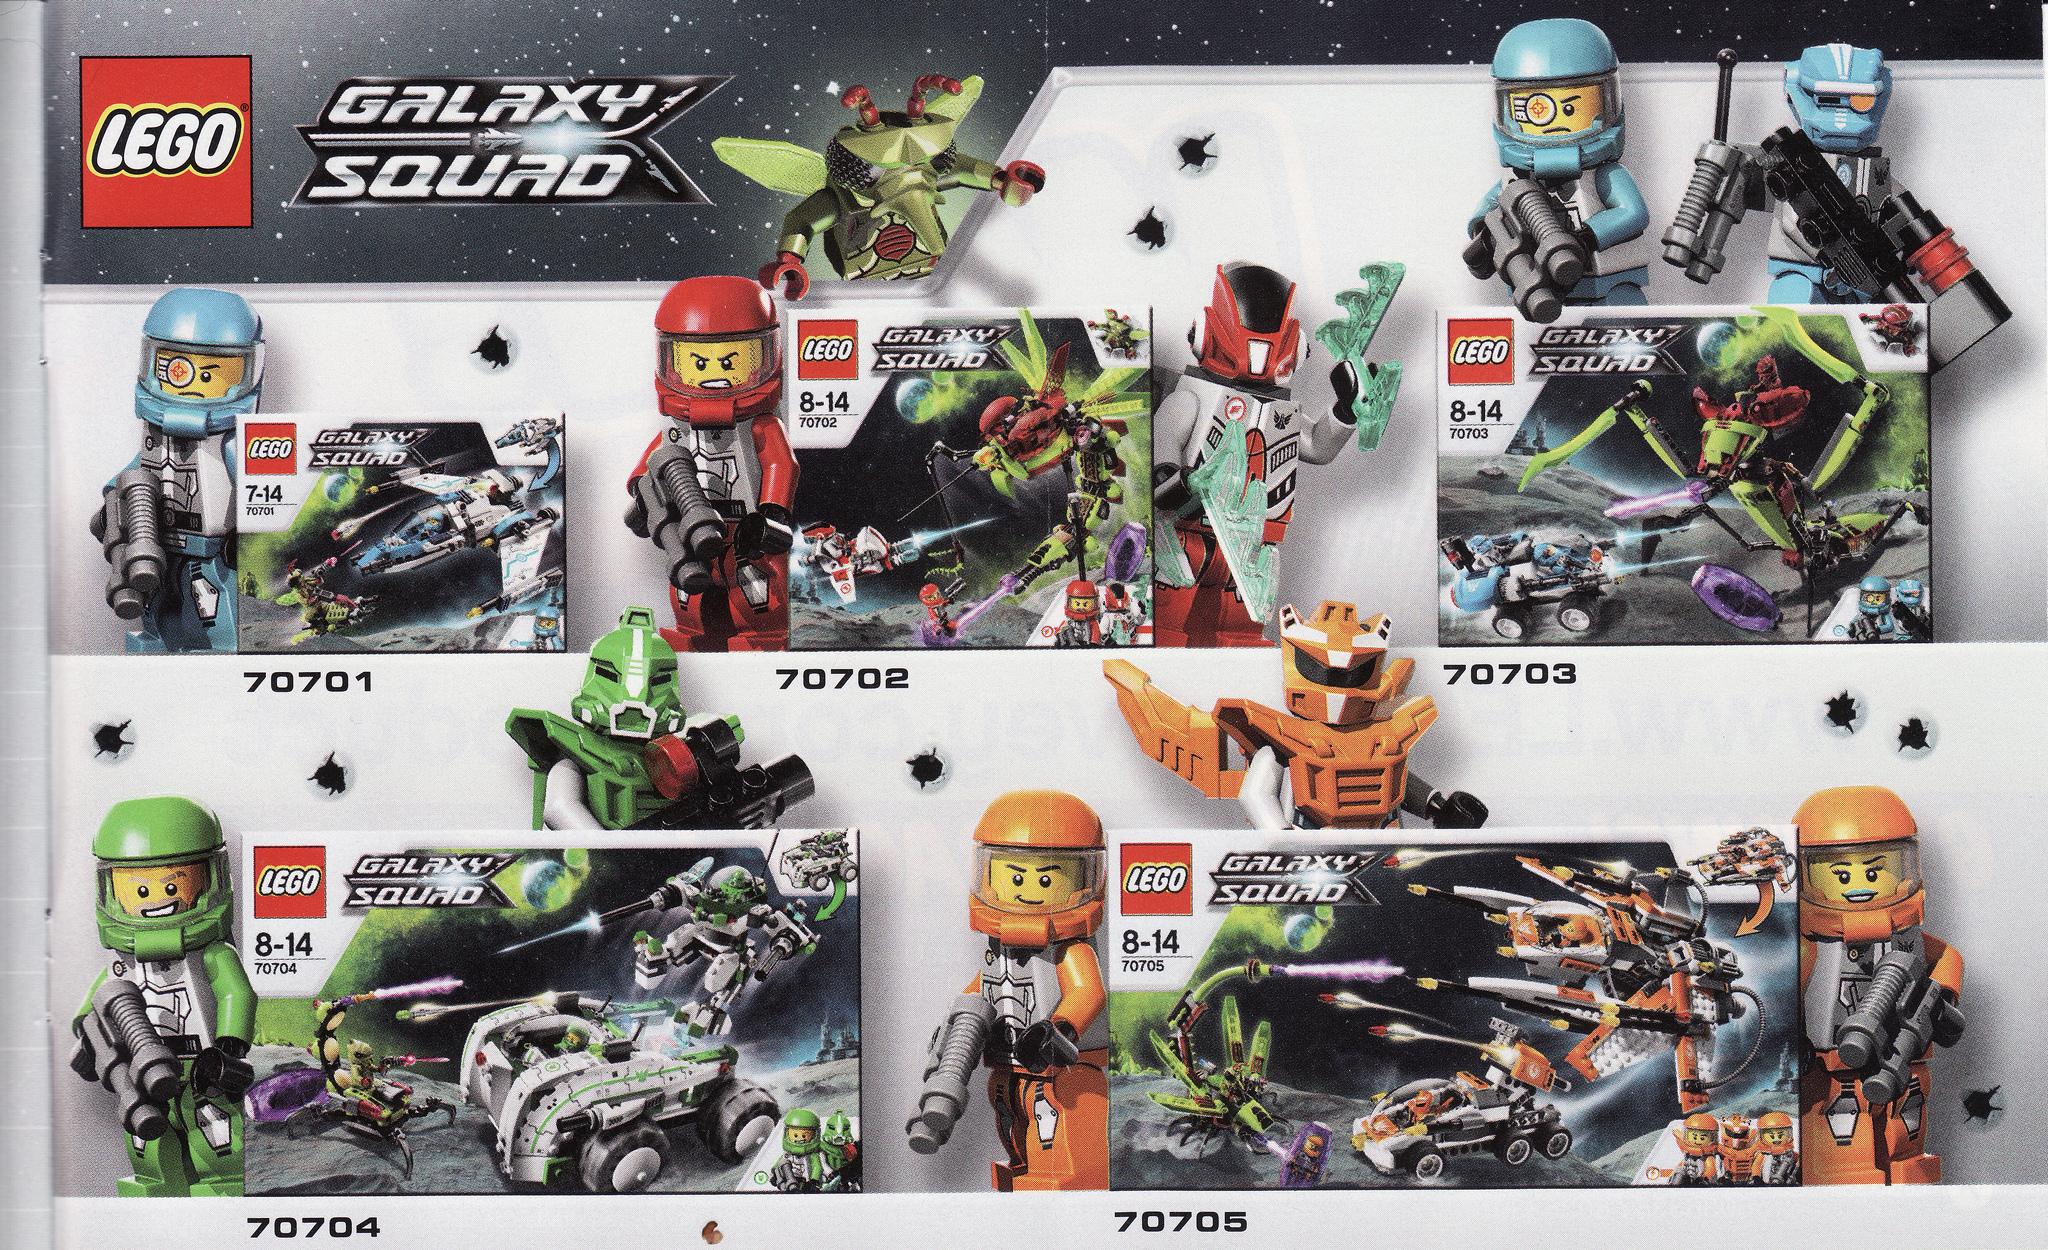 lego-galaxy-squad.jpg